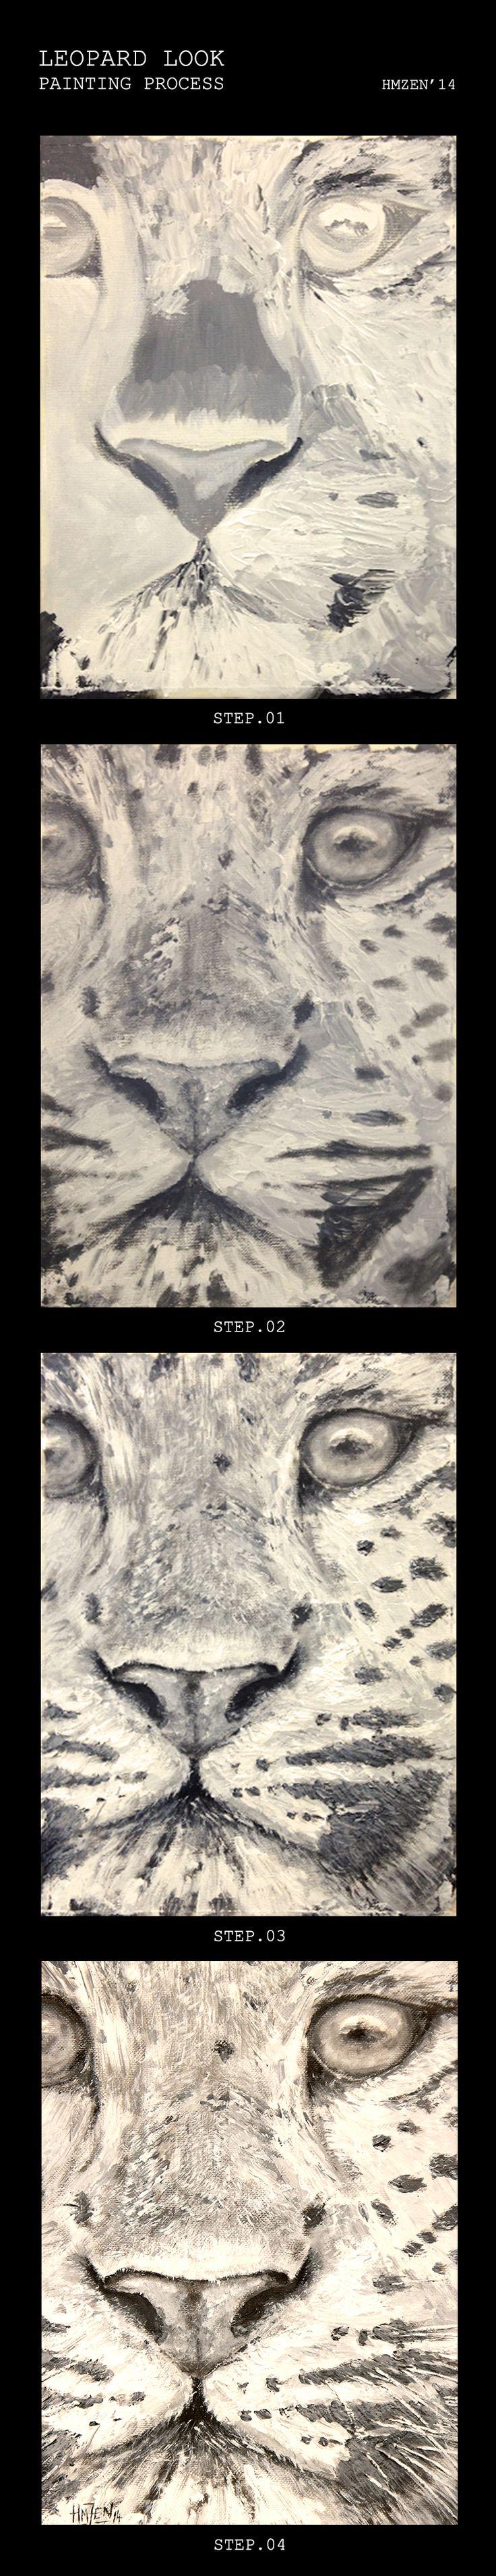 Proceso de creación del acrílico con pincel y espátula para la exposición de fin de curso - El leopardo mira. Creation process of acrylic with brush and spatula for the exhibition of the course -  Leopard Look. HMZEN'14